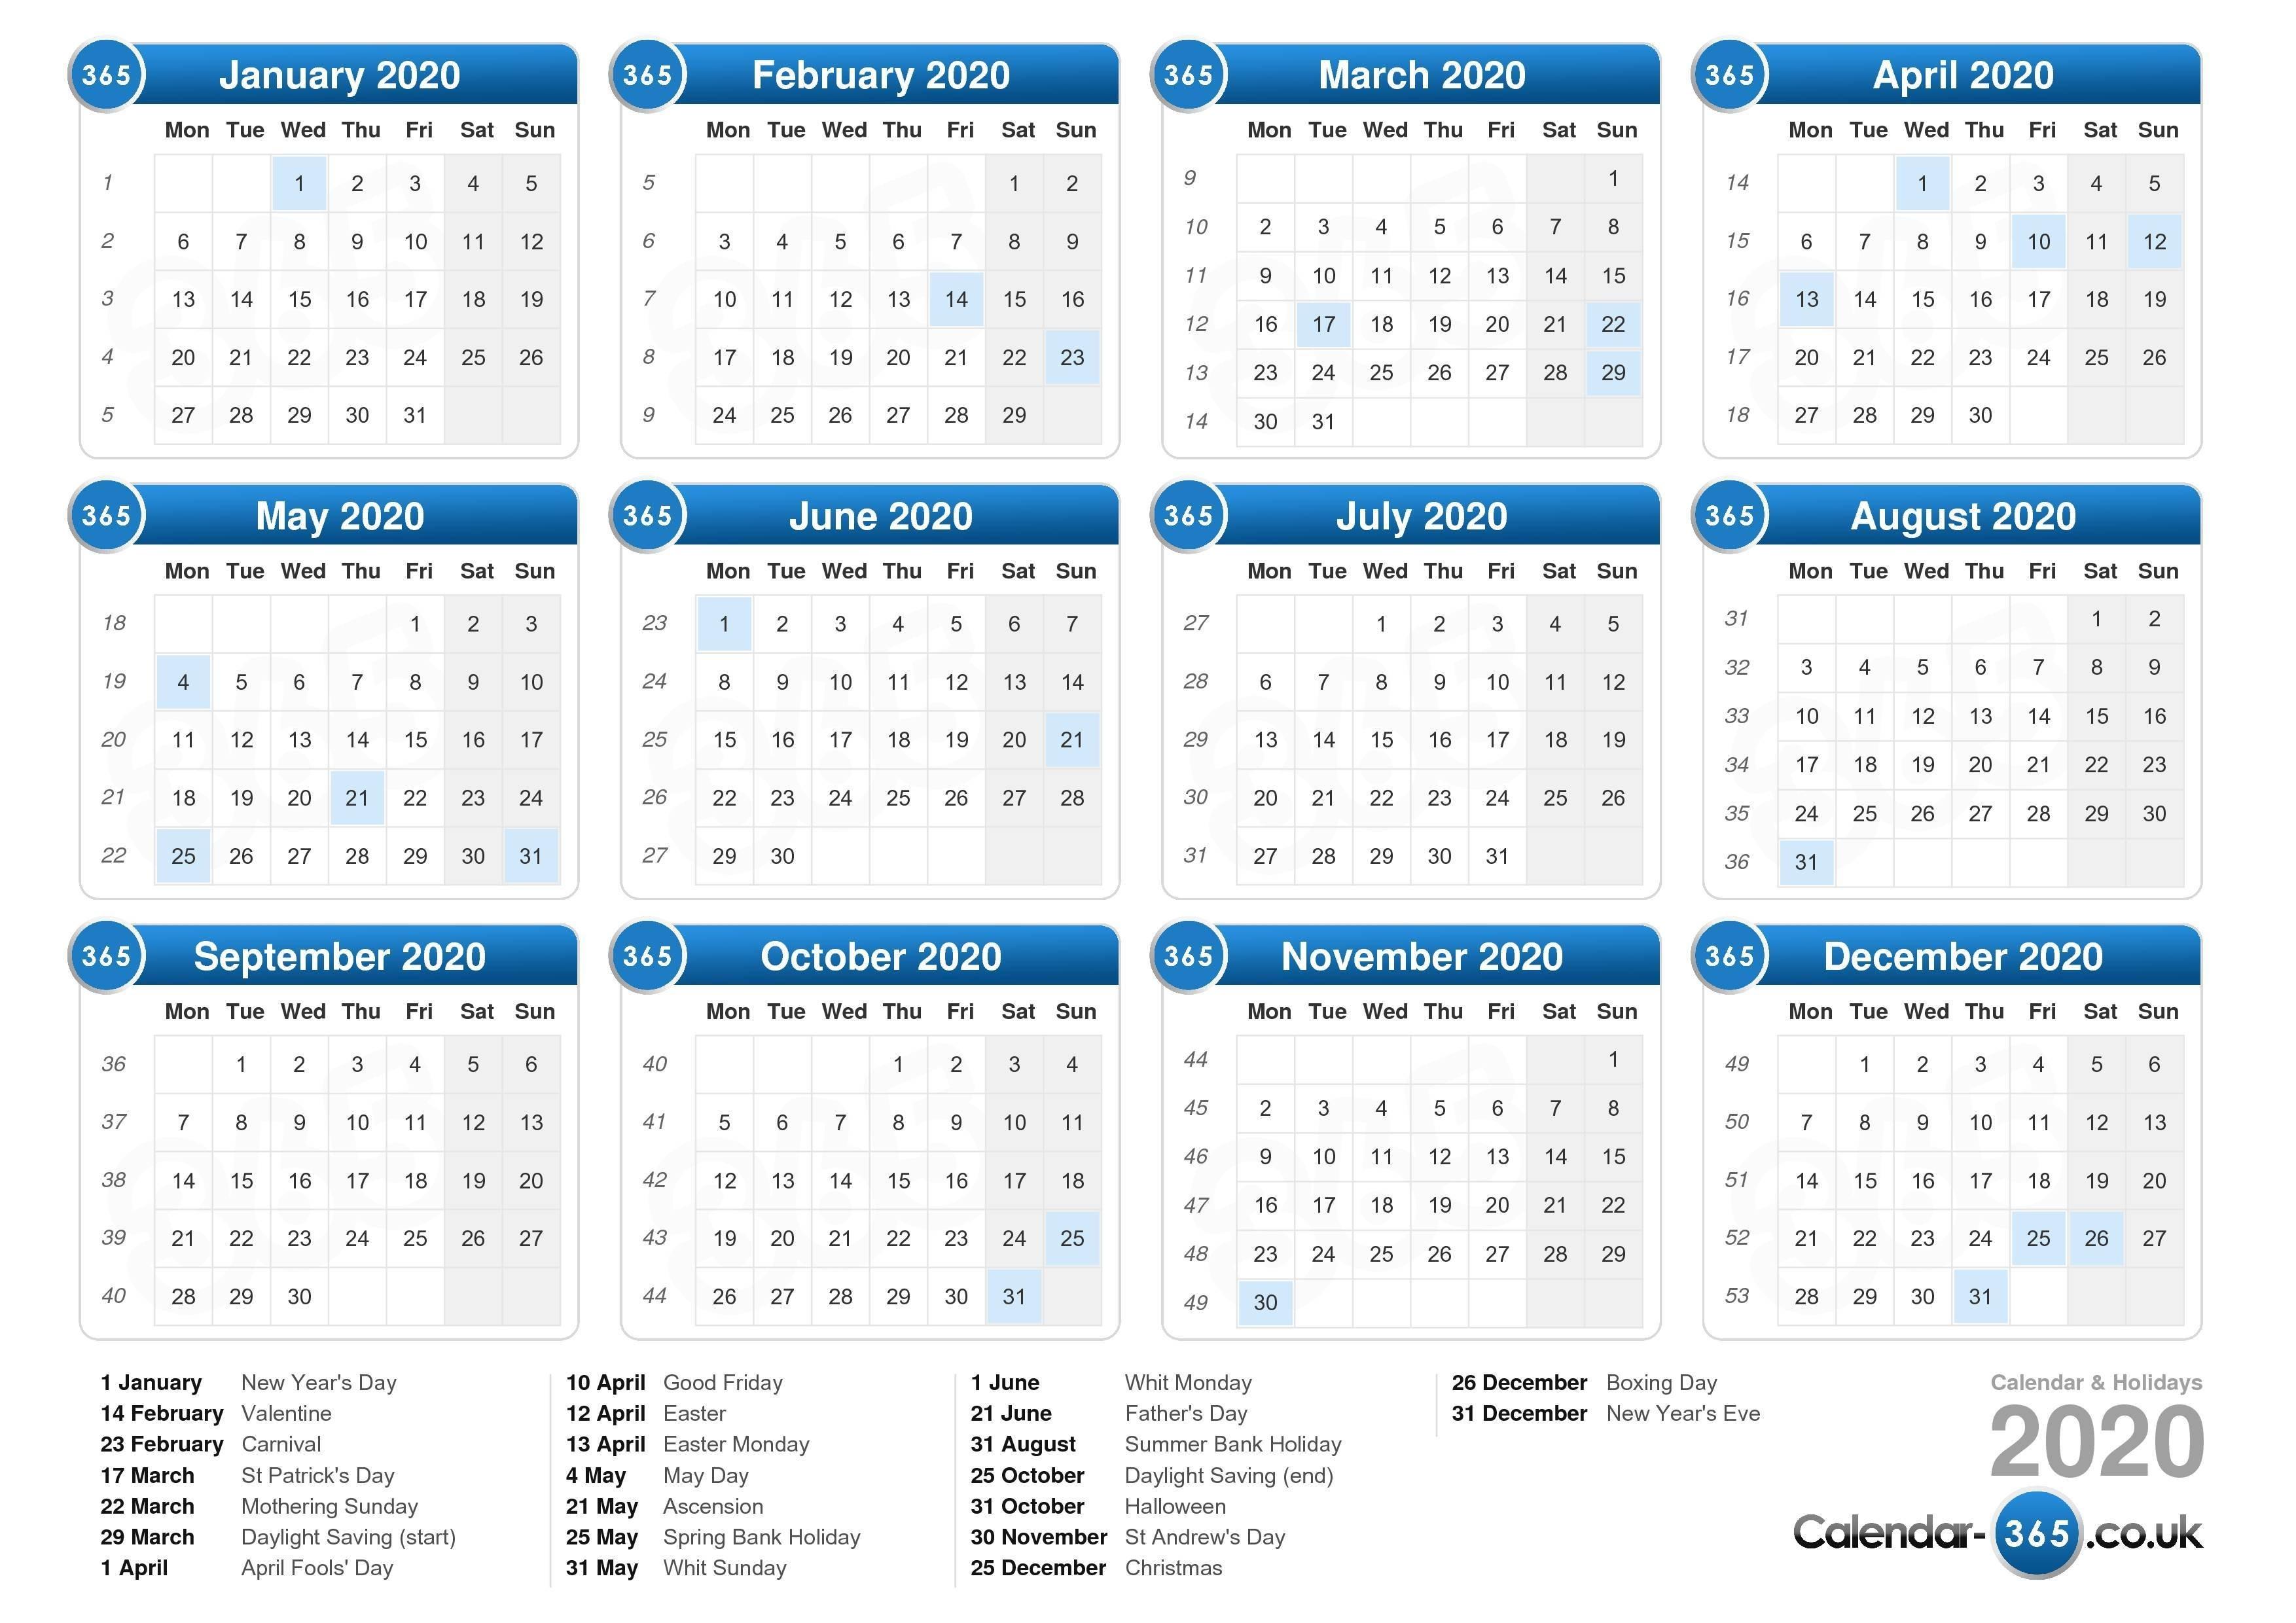 Calendar 2020-2020 Calendar With Uk Bank Holidays